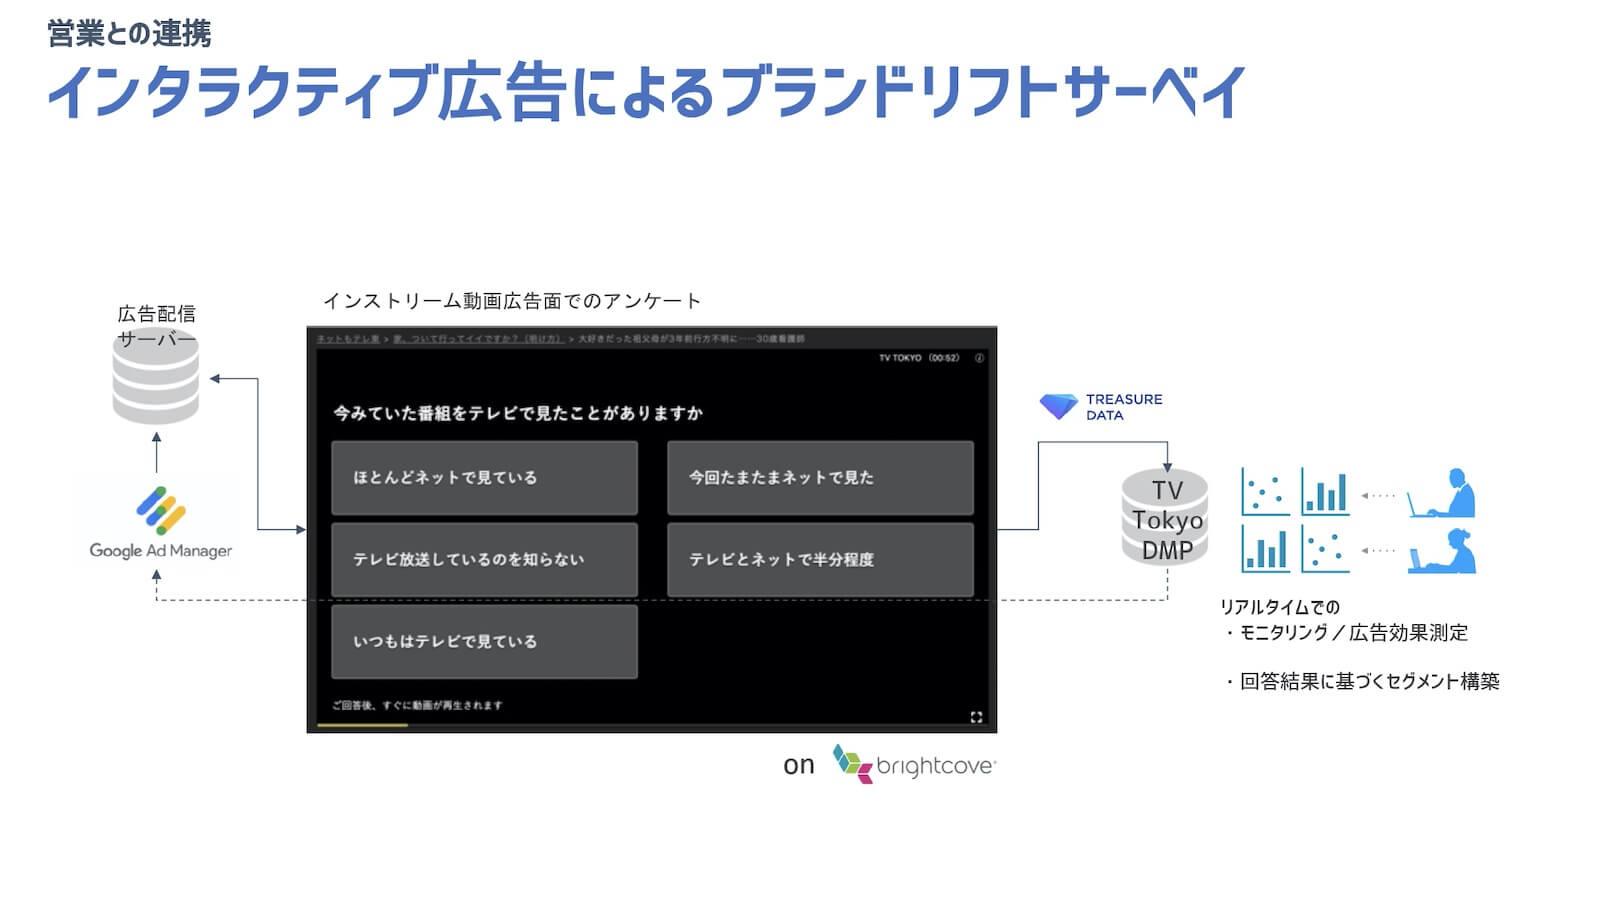 インタラクティブ広告によるブランドリフトサーベイ_活用イメージ図